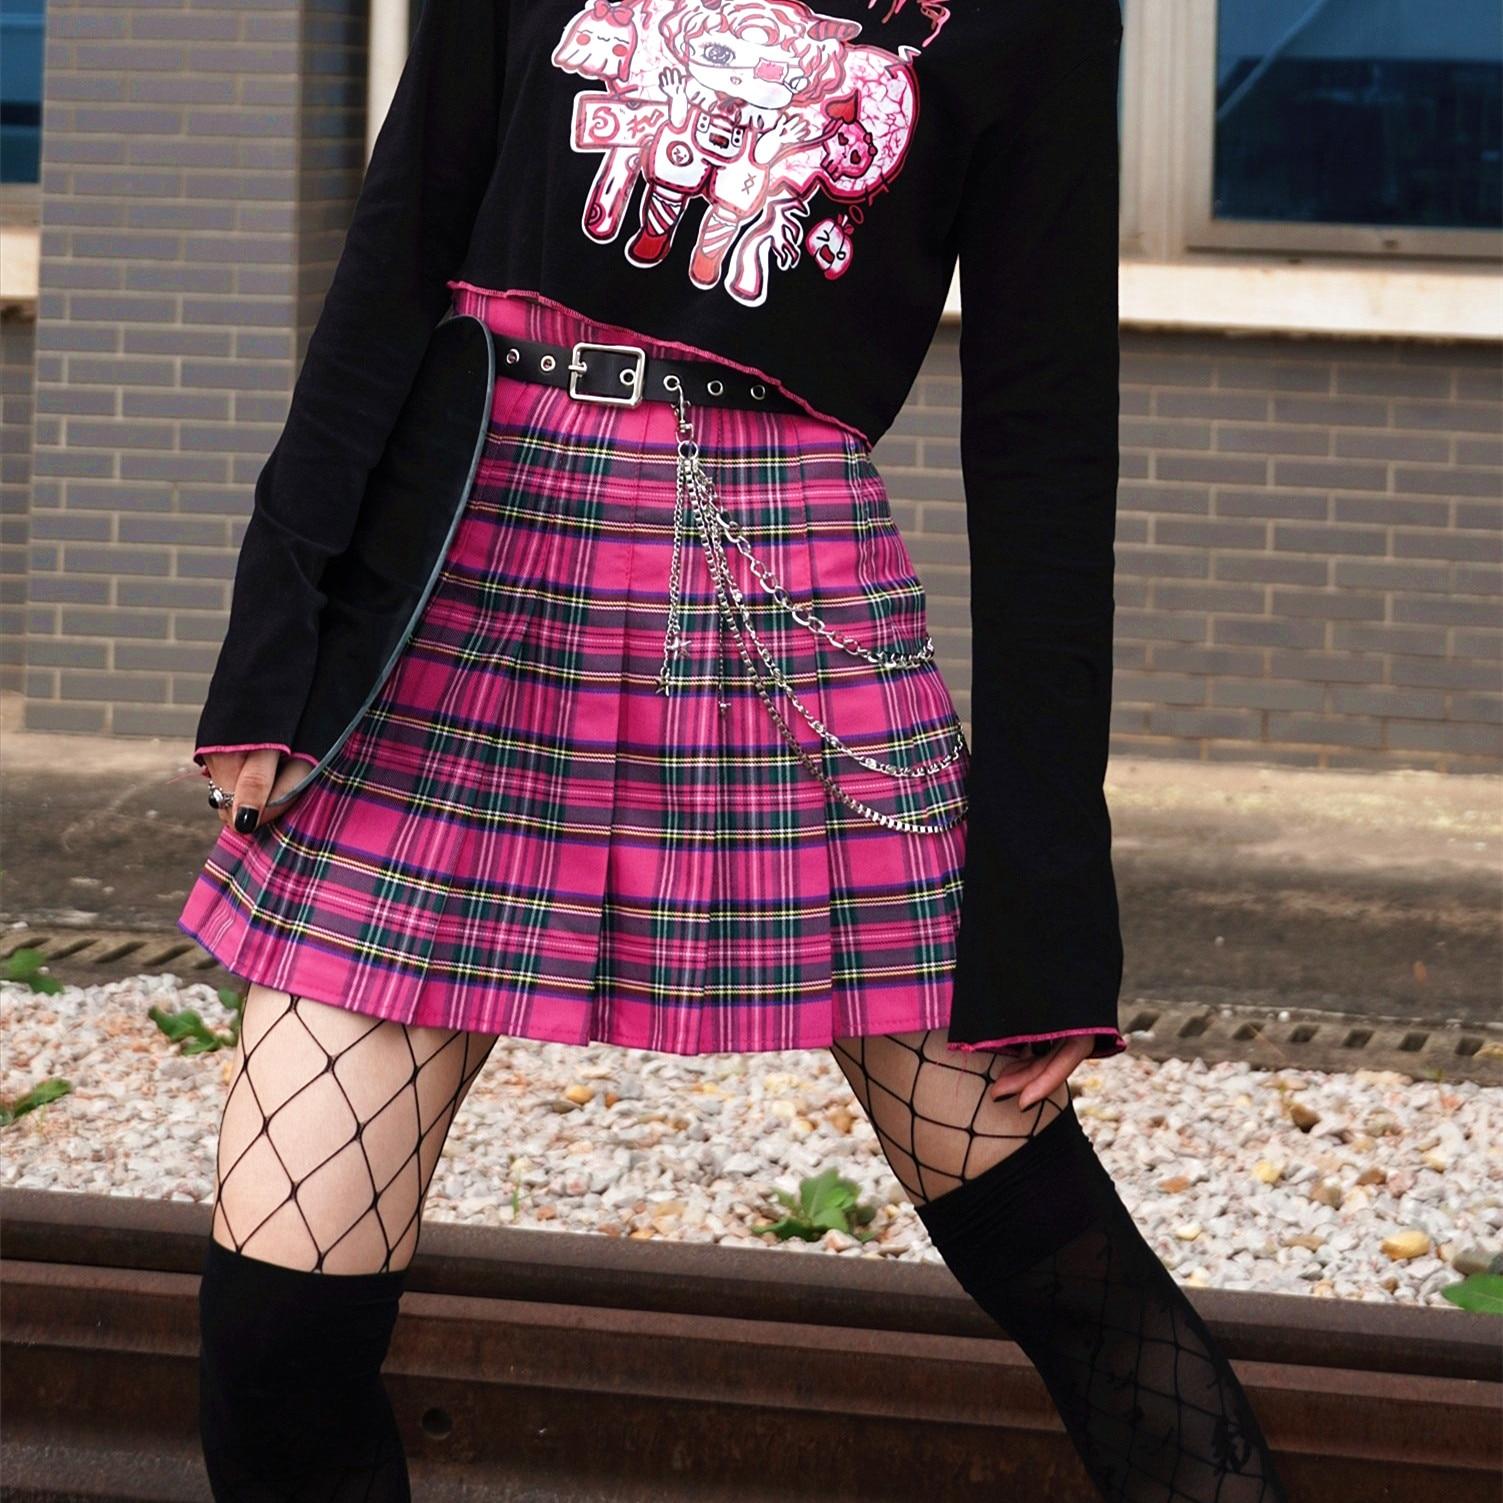 تنورة كاروهات بطيات للبنات ، ملابس Harajuku ، أسود ، لطيف ، JK ، ناعم ، فتاة y2k ، خصر عالي ، كاواي ياباني ، وردي